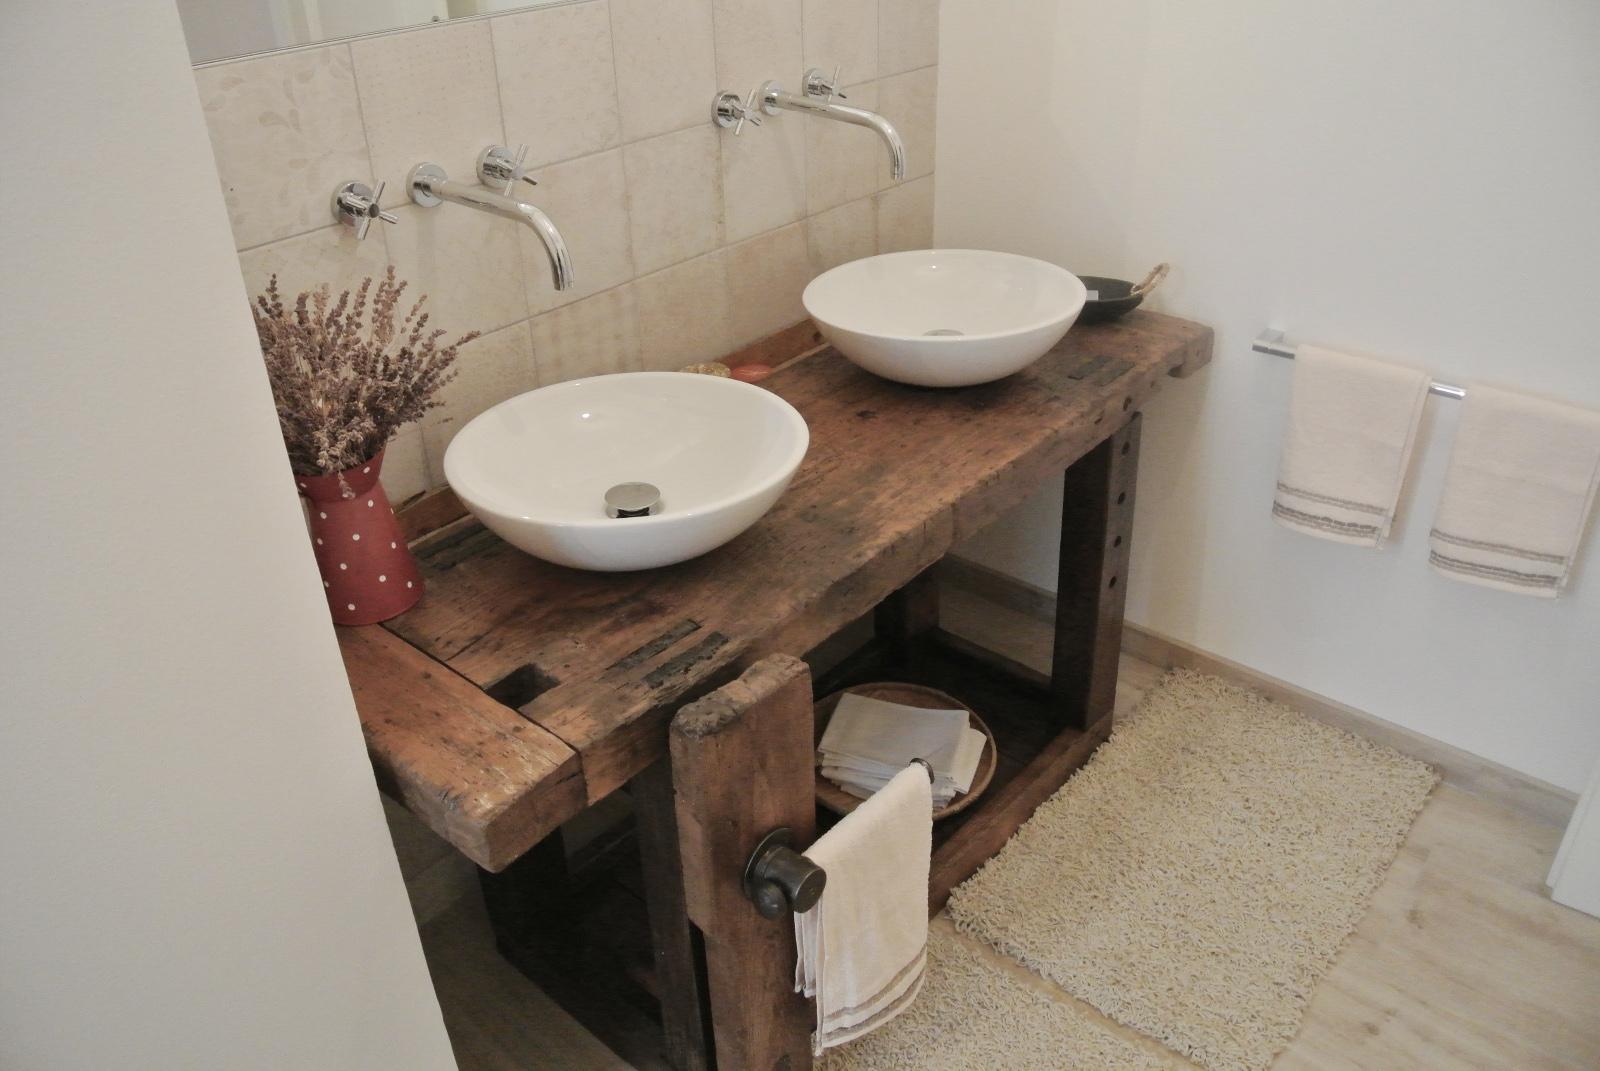 sintesibagno_verbania_lavabo_doppio_appoggio_rubinetteria_tratto_lavavao_a_muro